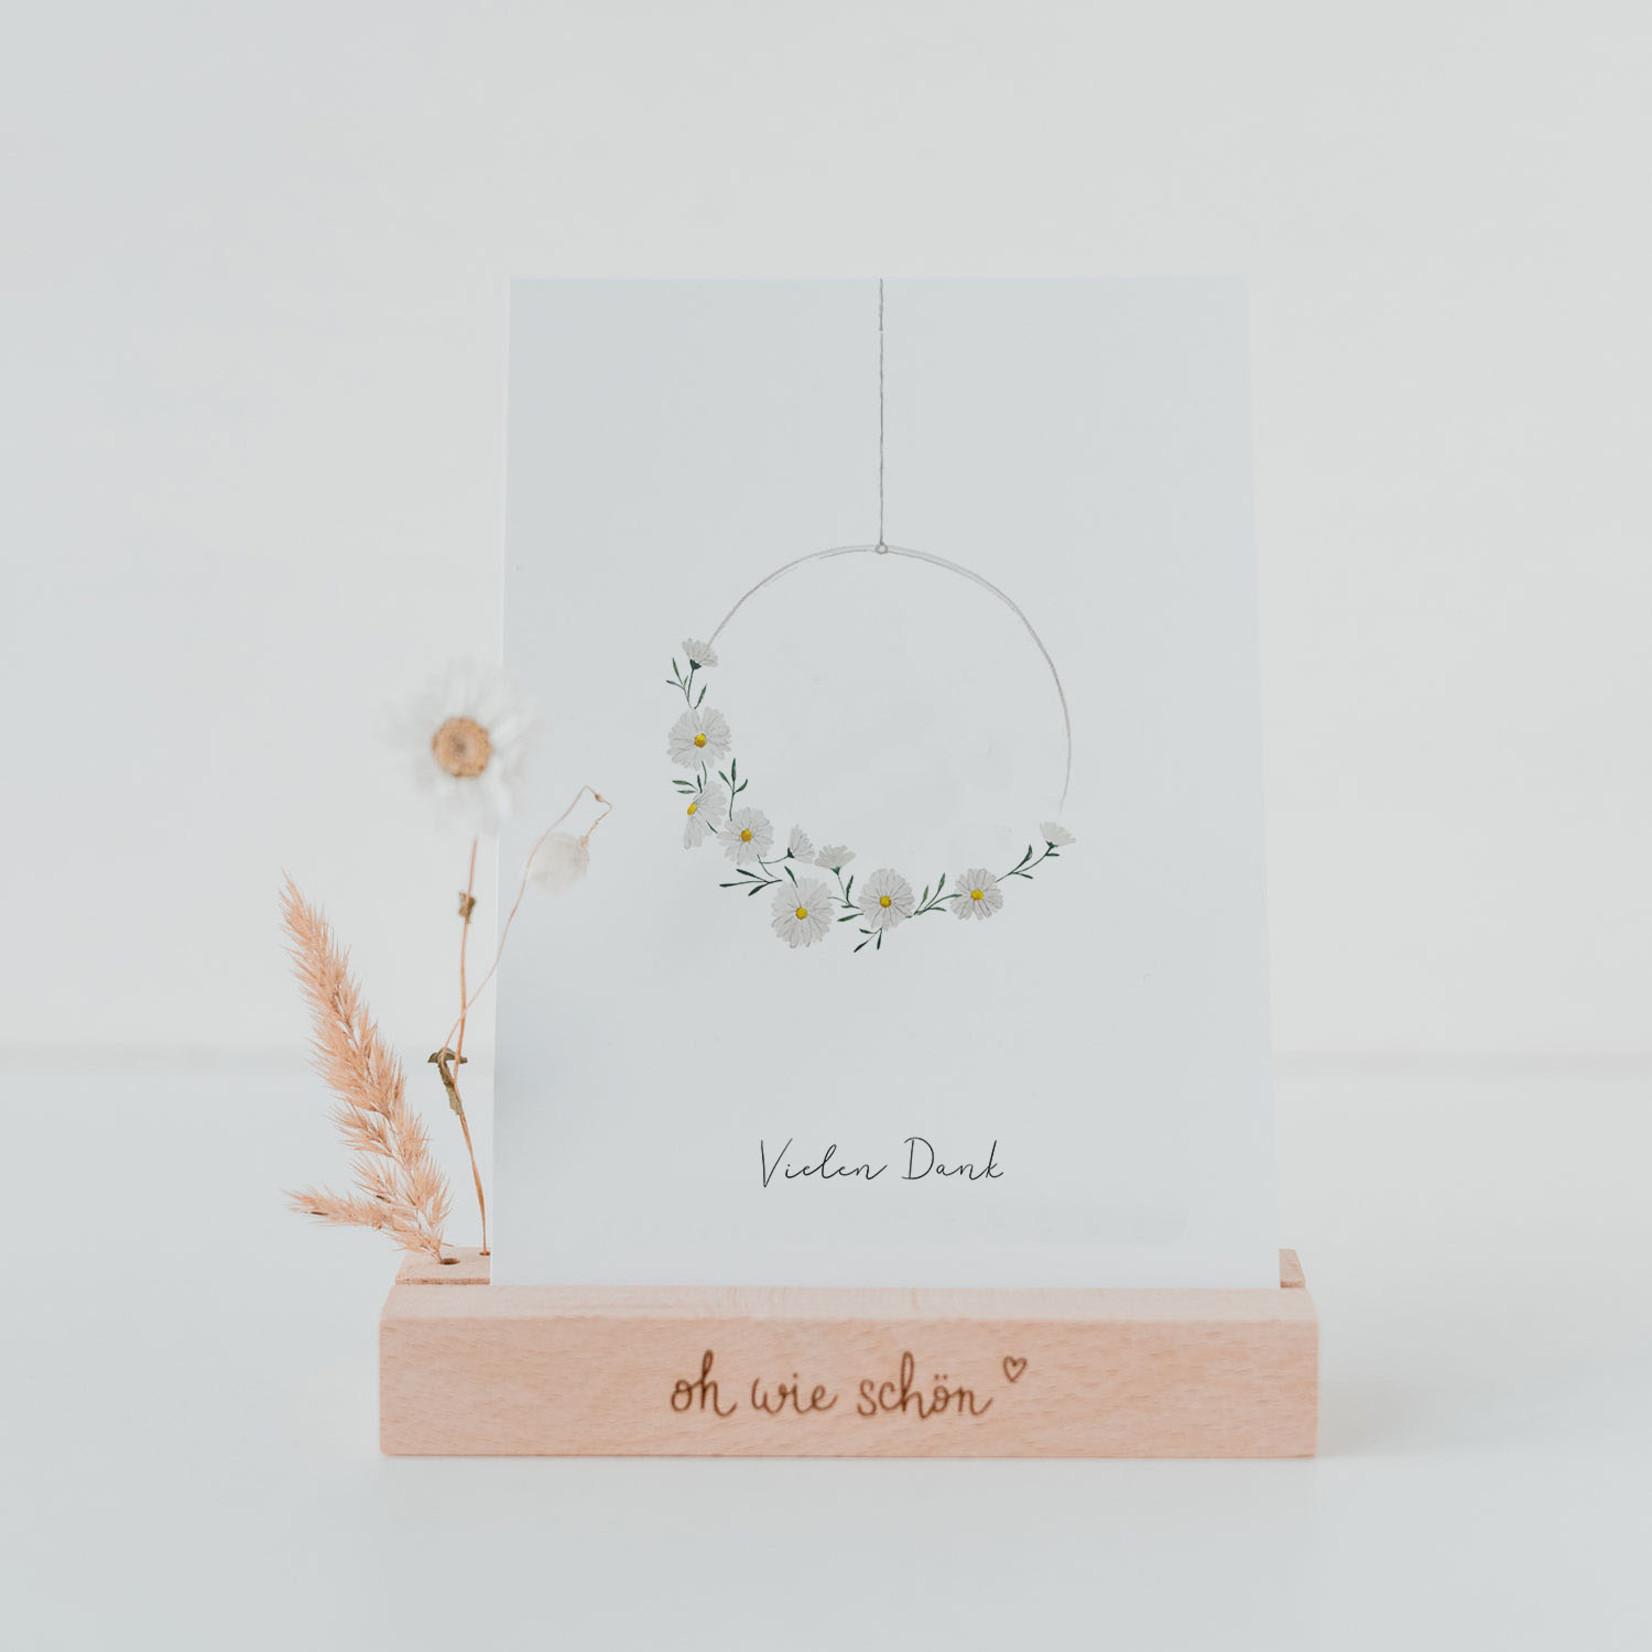 Eulenschnitt Dankeskarte Blumenkranz